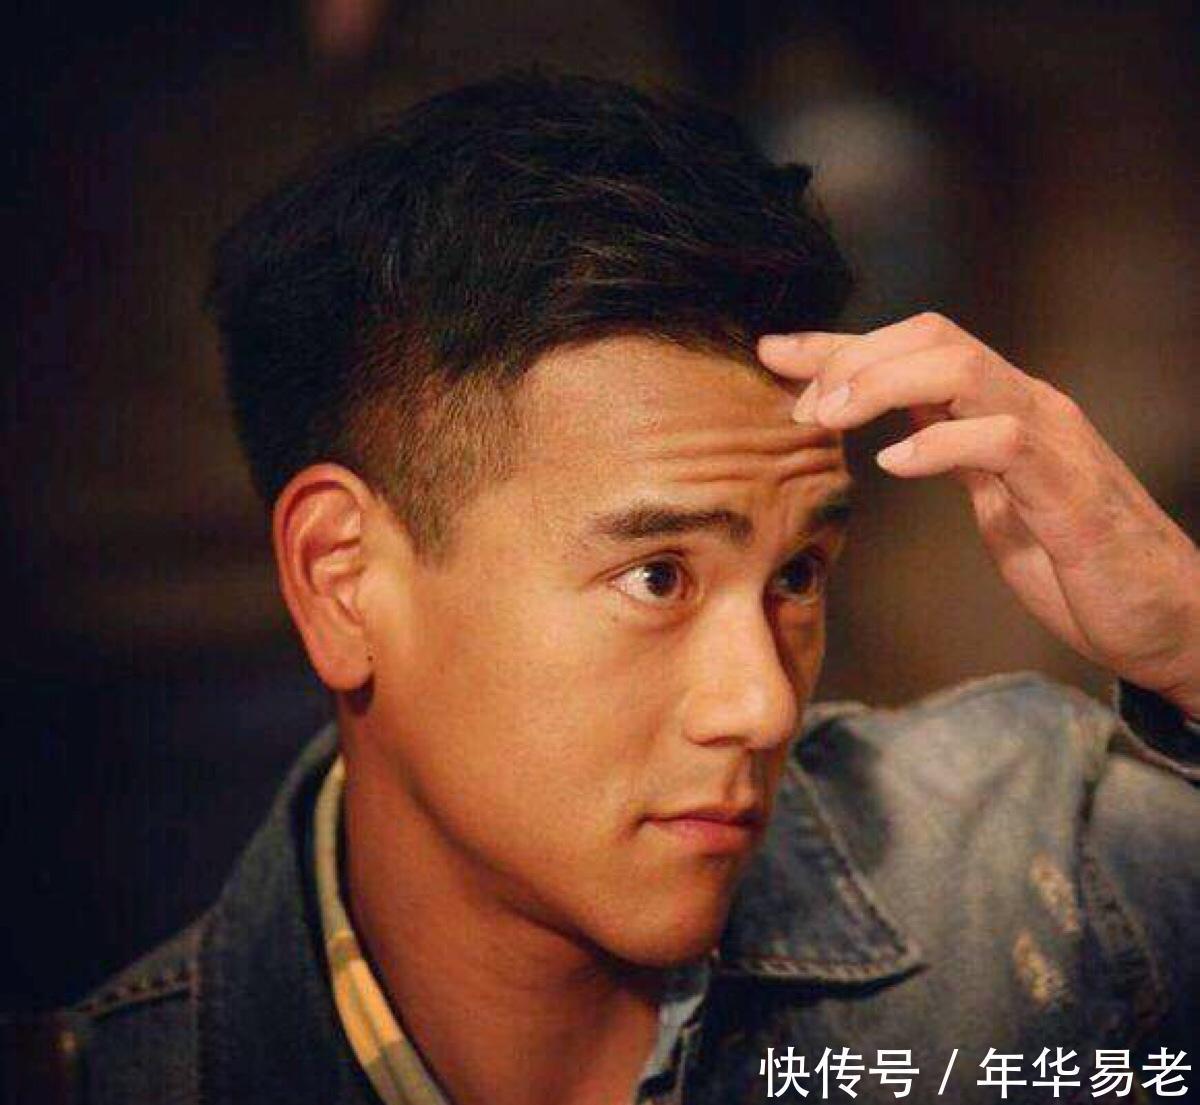 彭于晏和张磊的绯闻到底是咋传出来的啊? - 小组讨论 - 豆瓣